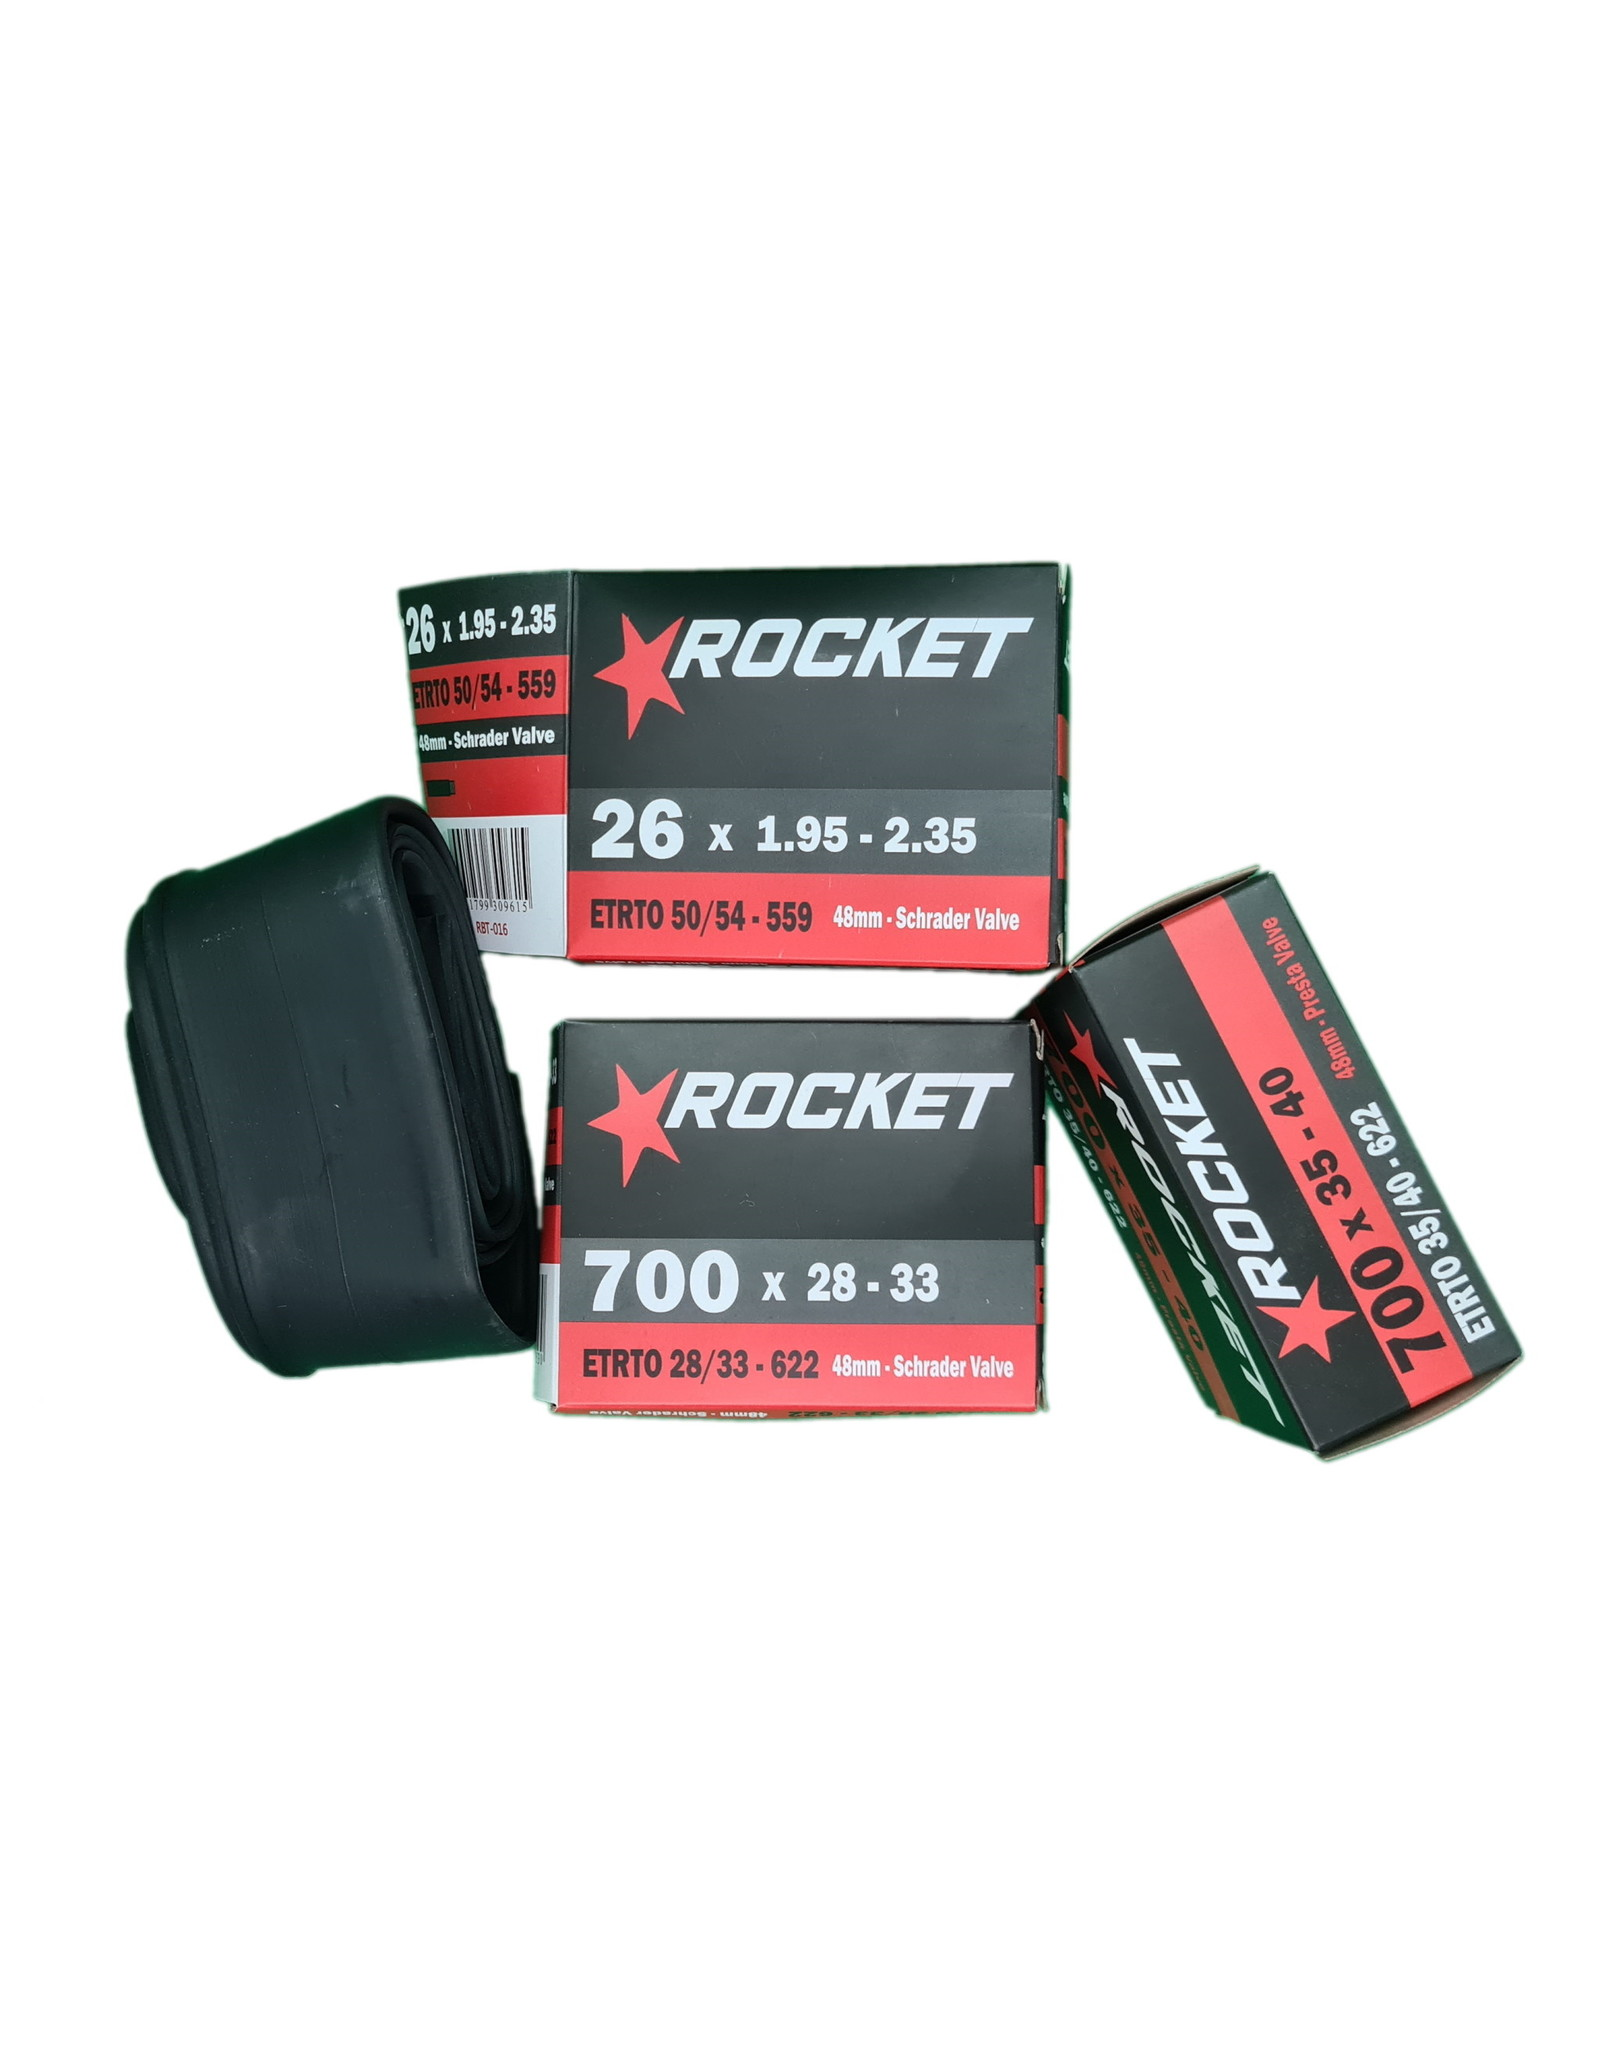 Rocket Tube 12 1/2 X 2 1/4 Schrader Bent Valve